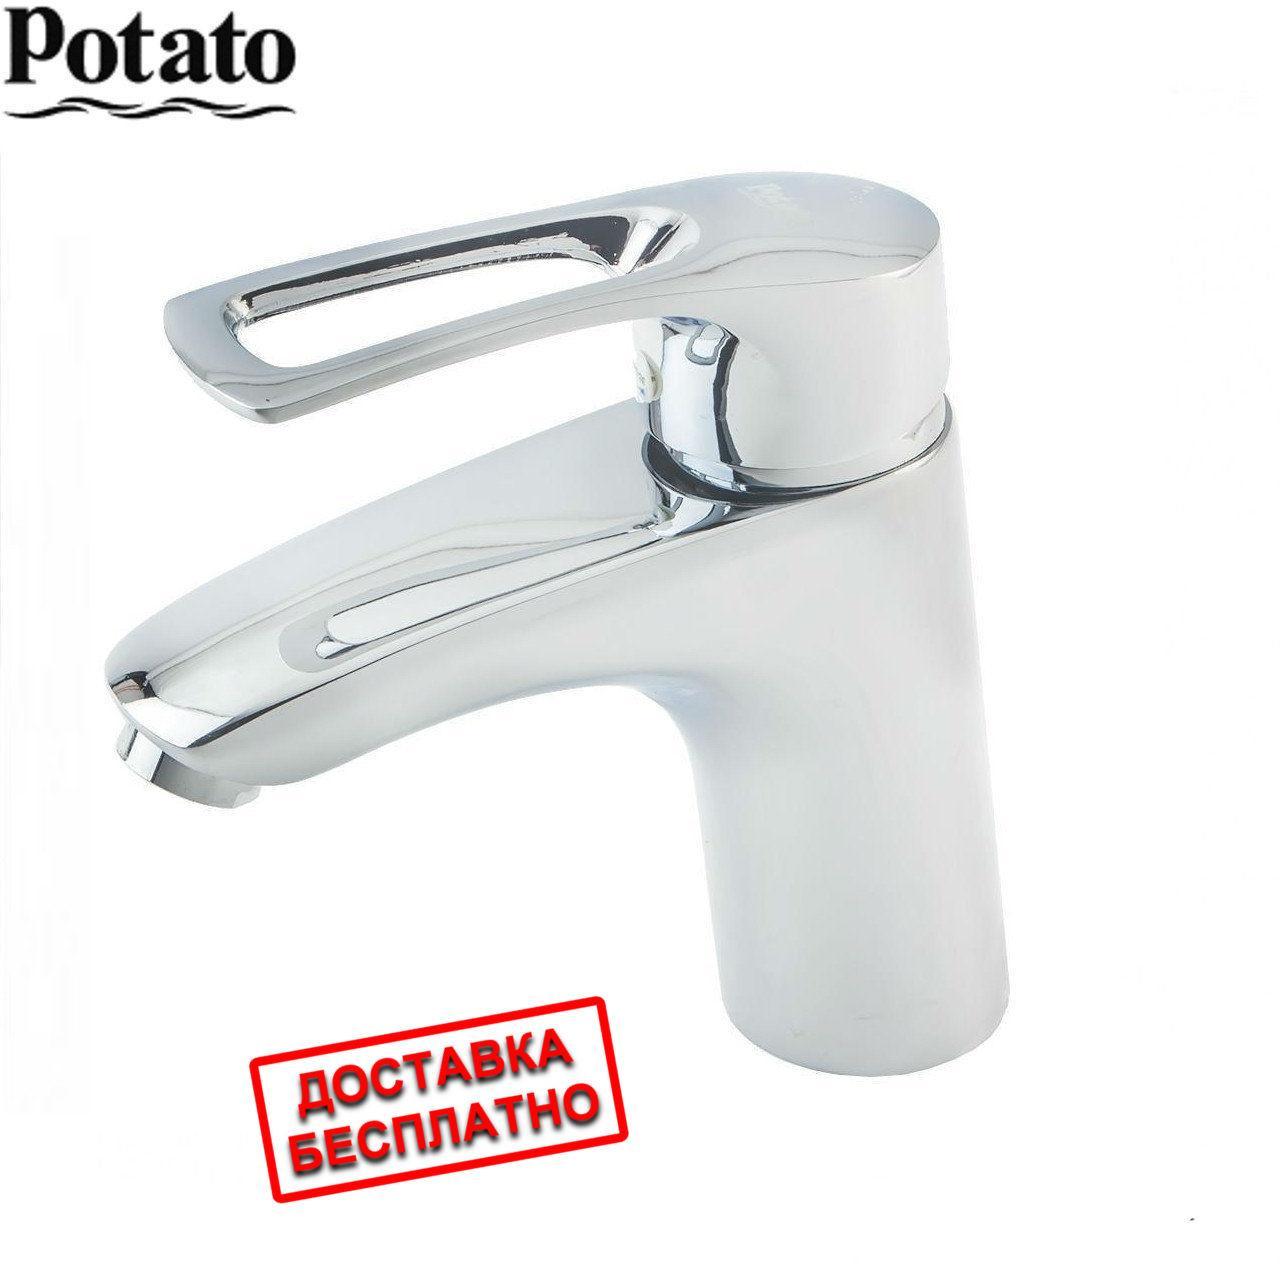 Смеситель для умывальника P1022 POTATO